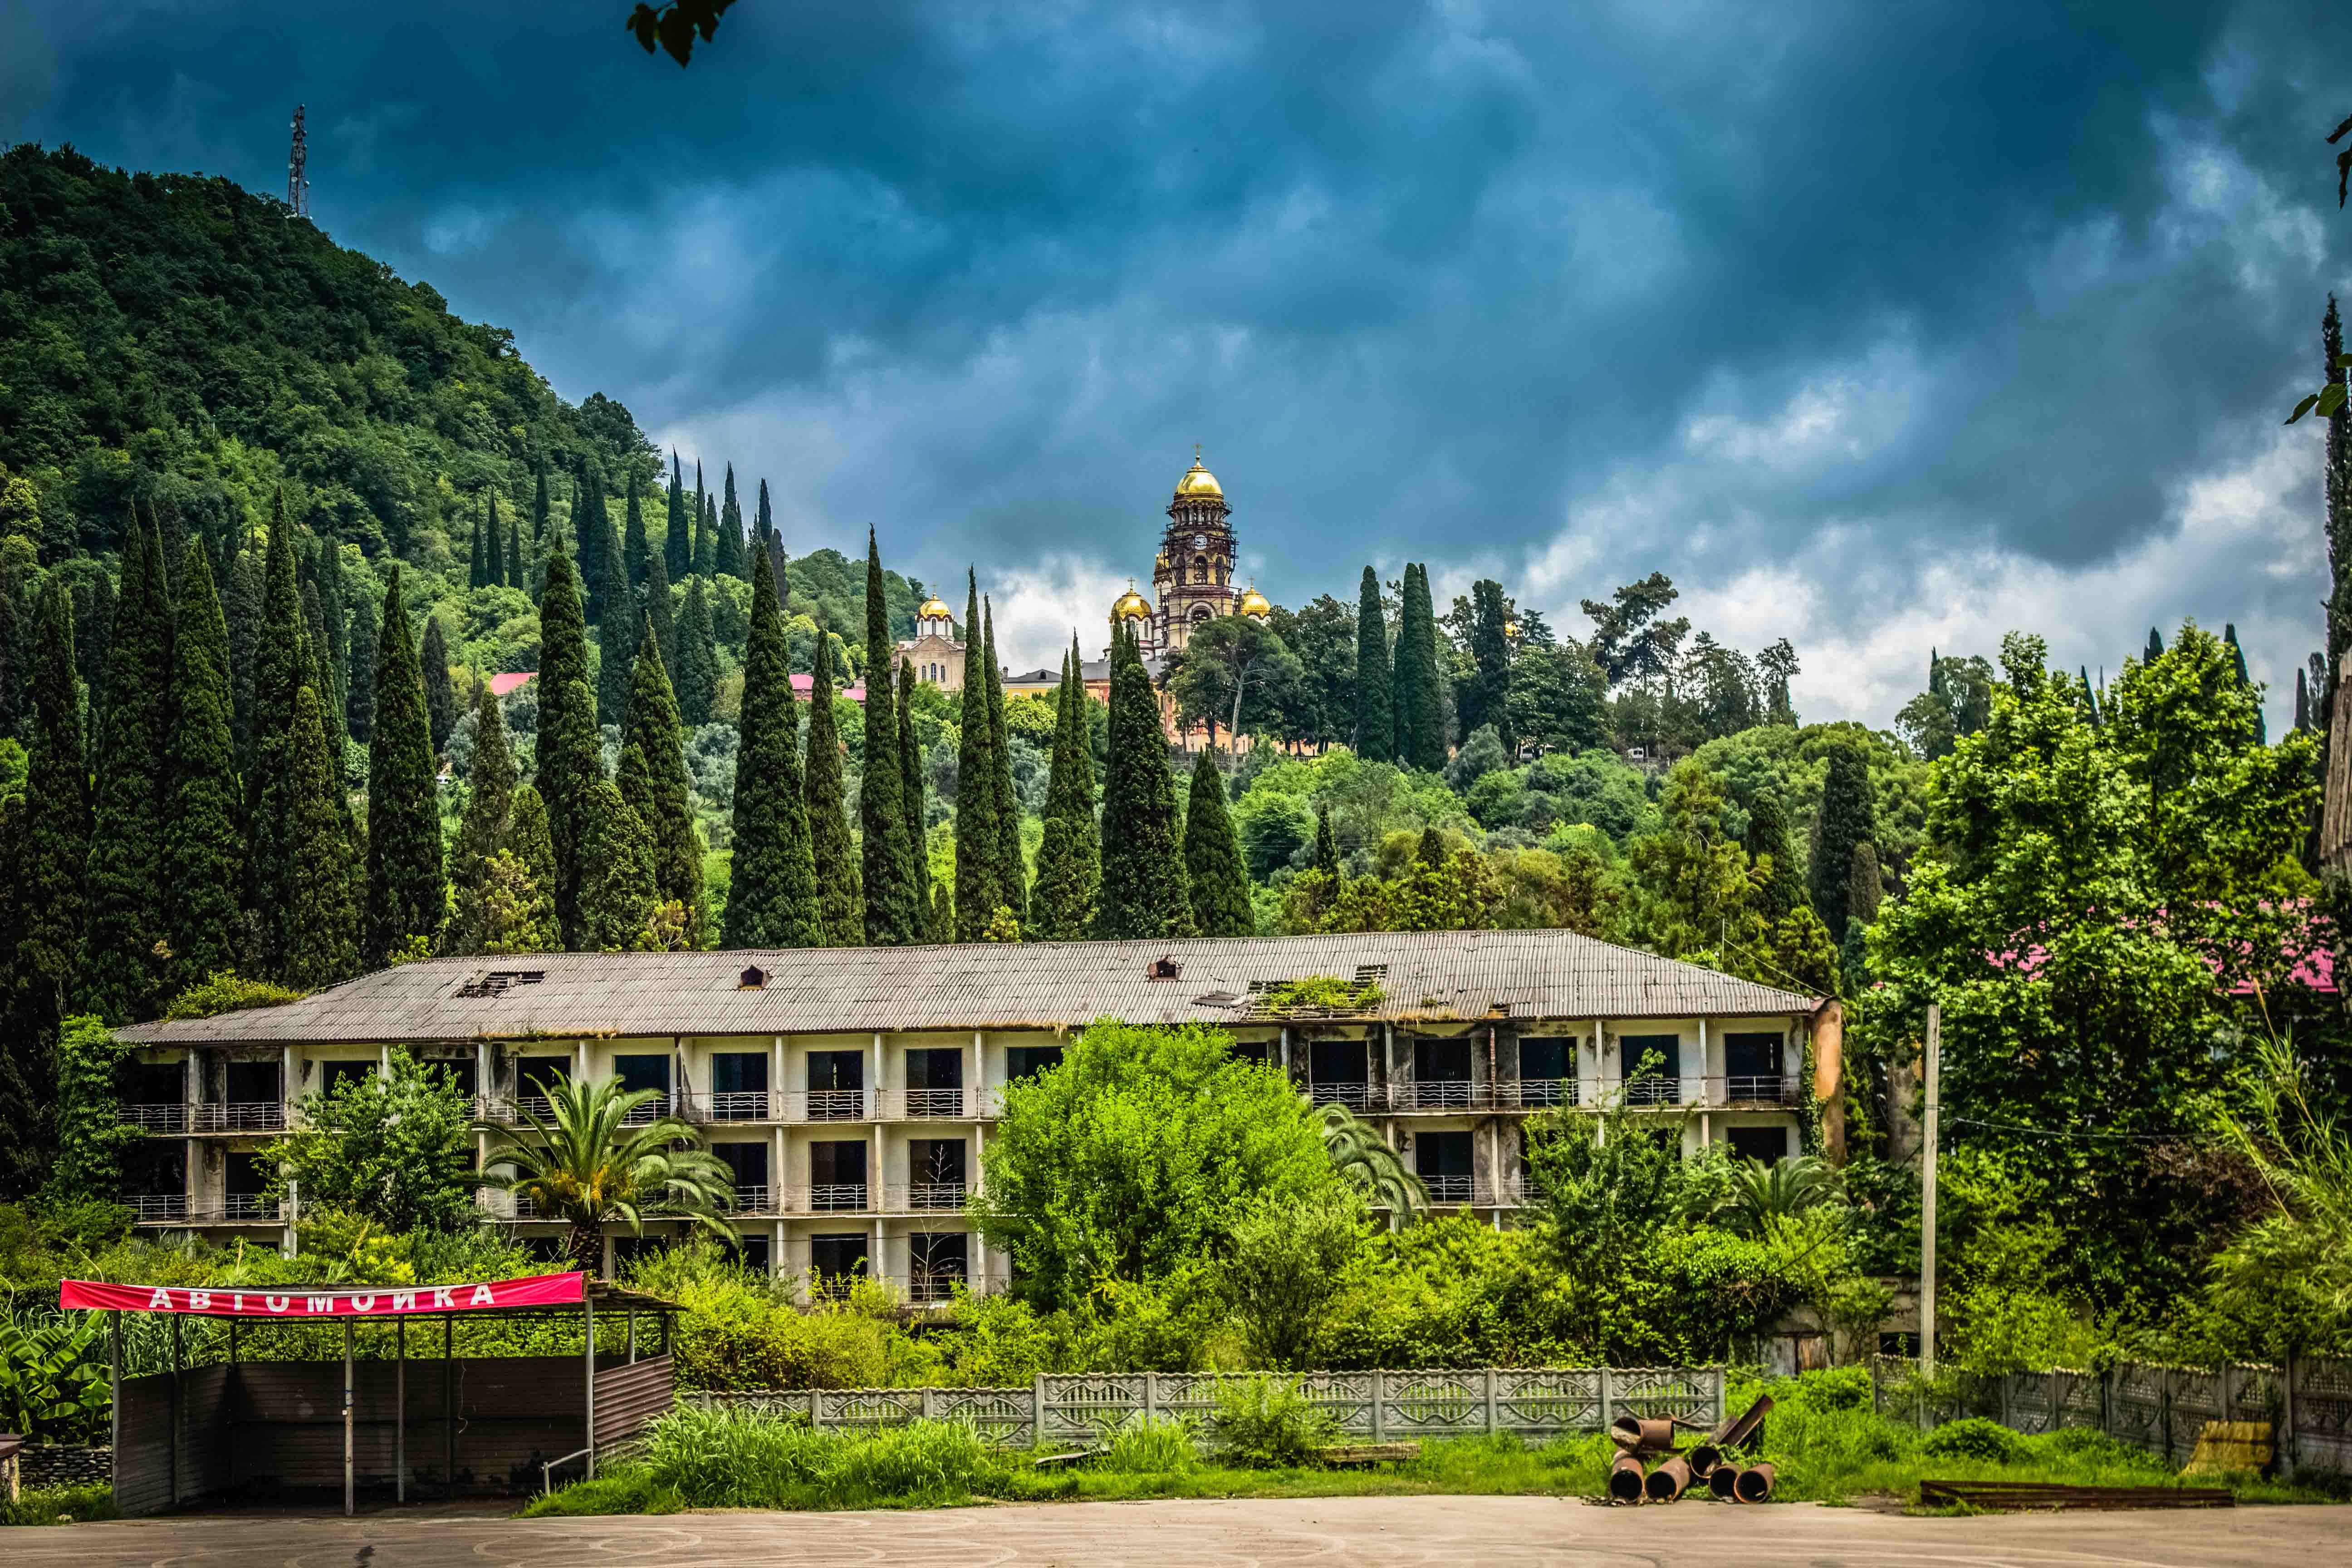 Город курорт в абхазии новый афон - фото города и пляжа, достопримечательности и красивые места солнечная абхазия расположилась между северо-восточным берегом чёрногоморя исеверо-западной части.